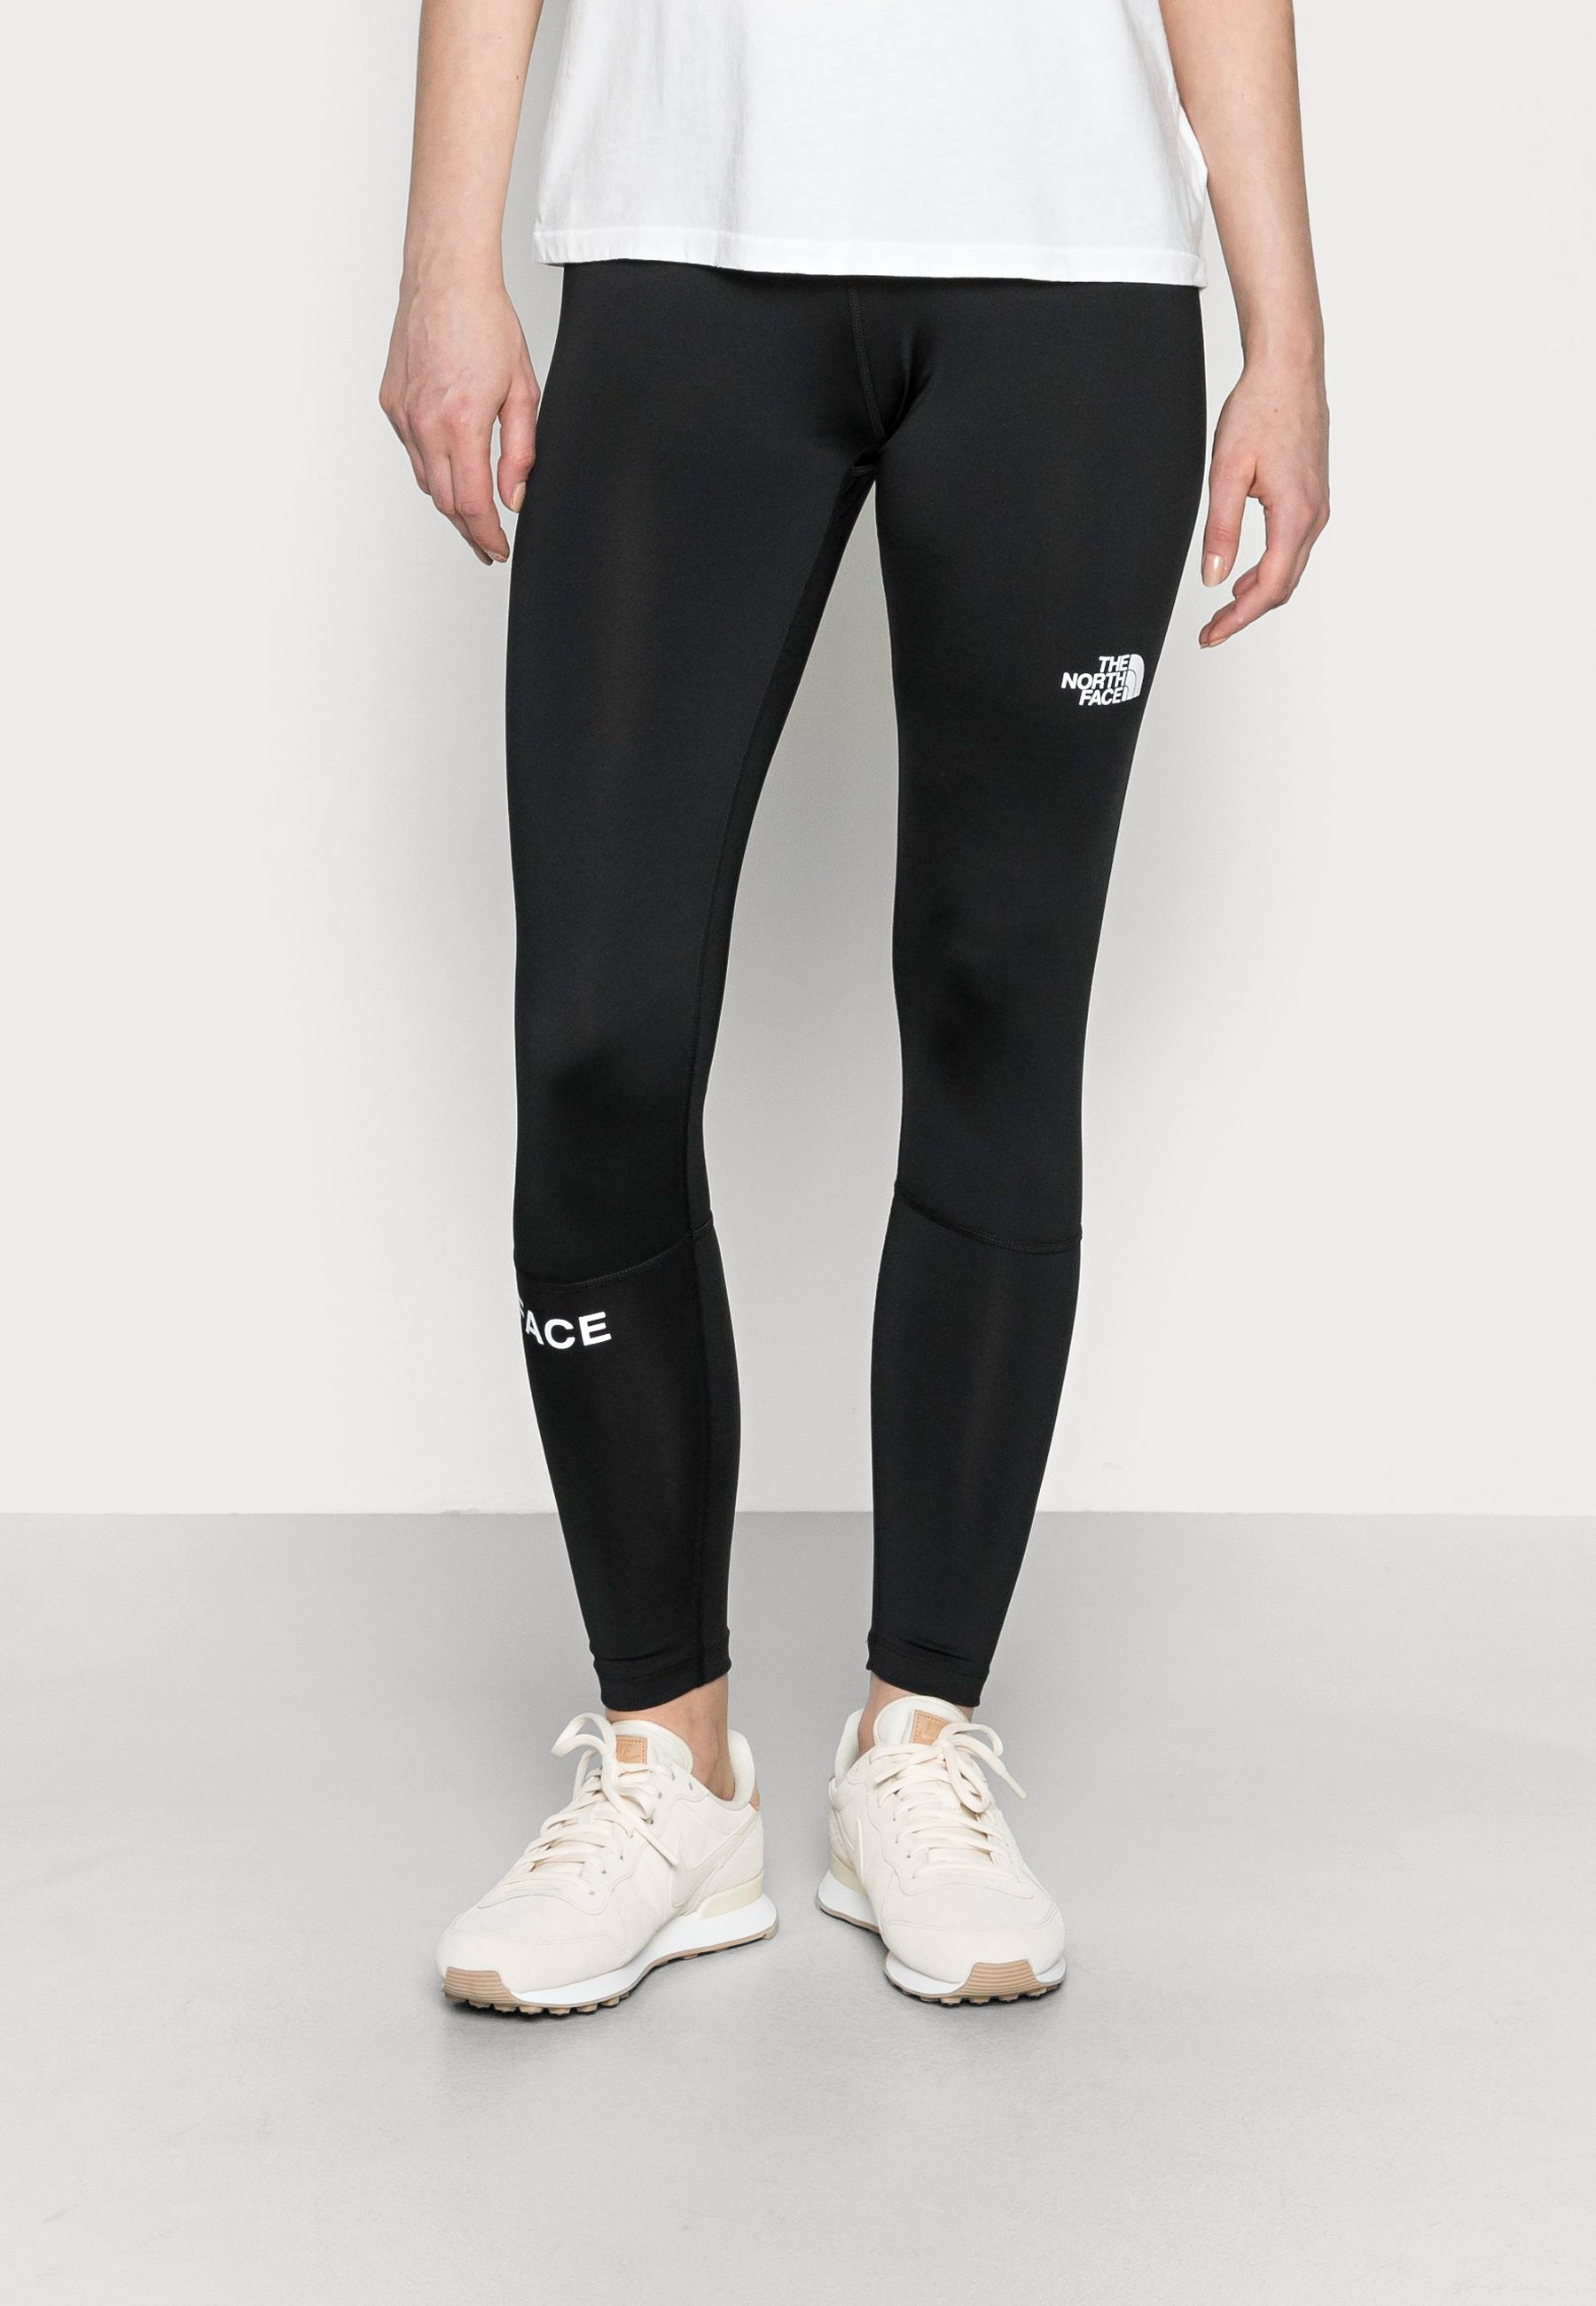 Damen TIGHT - Leggings - Hosen